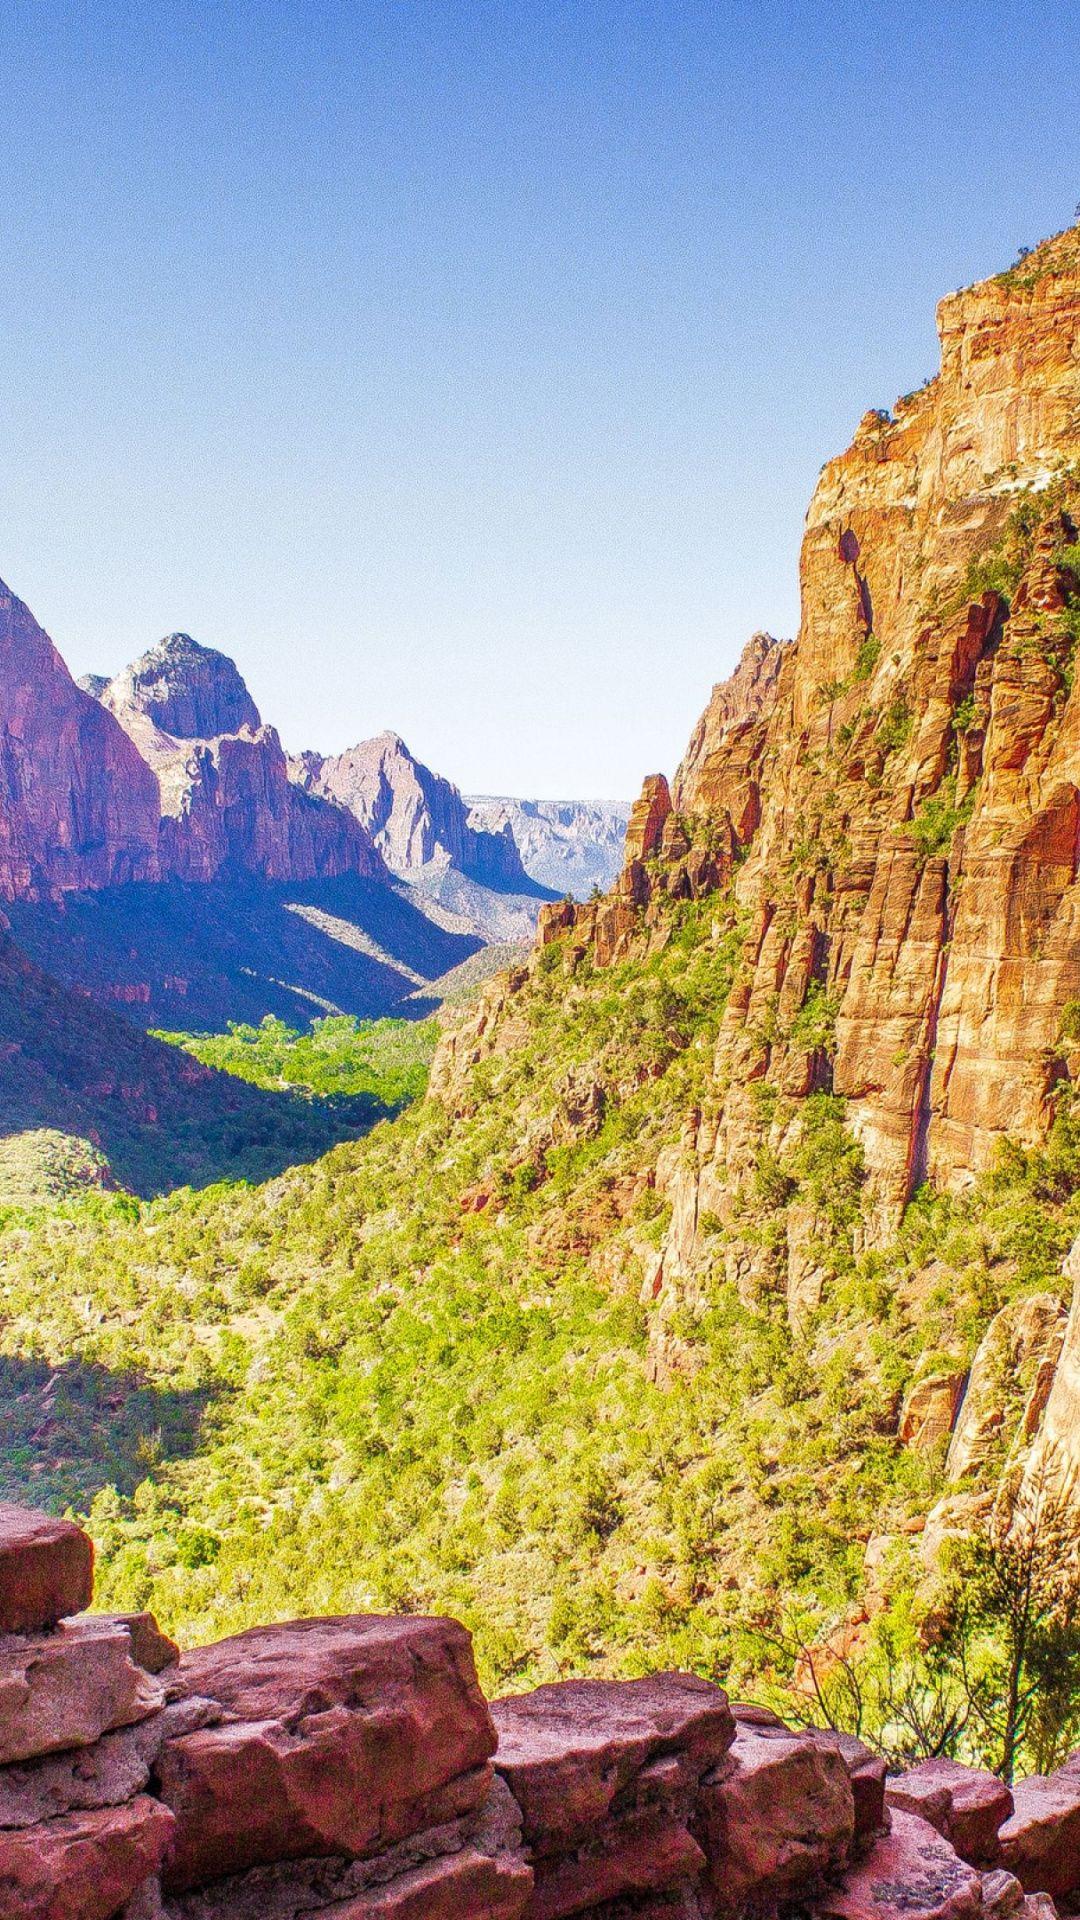 X Park, Rock, Geology, Zion National Park, Mountainous Landforms